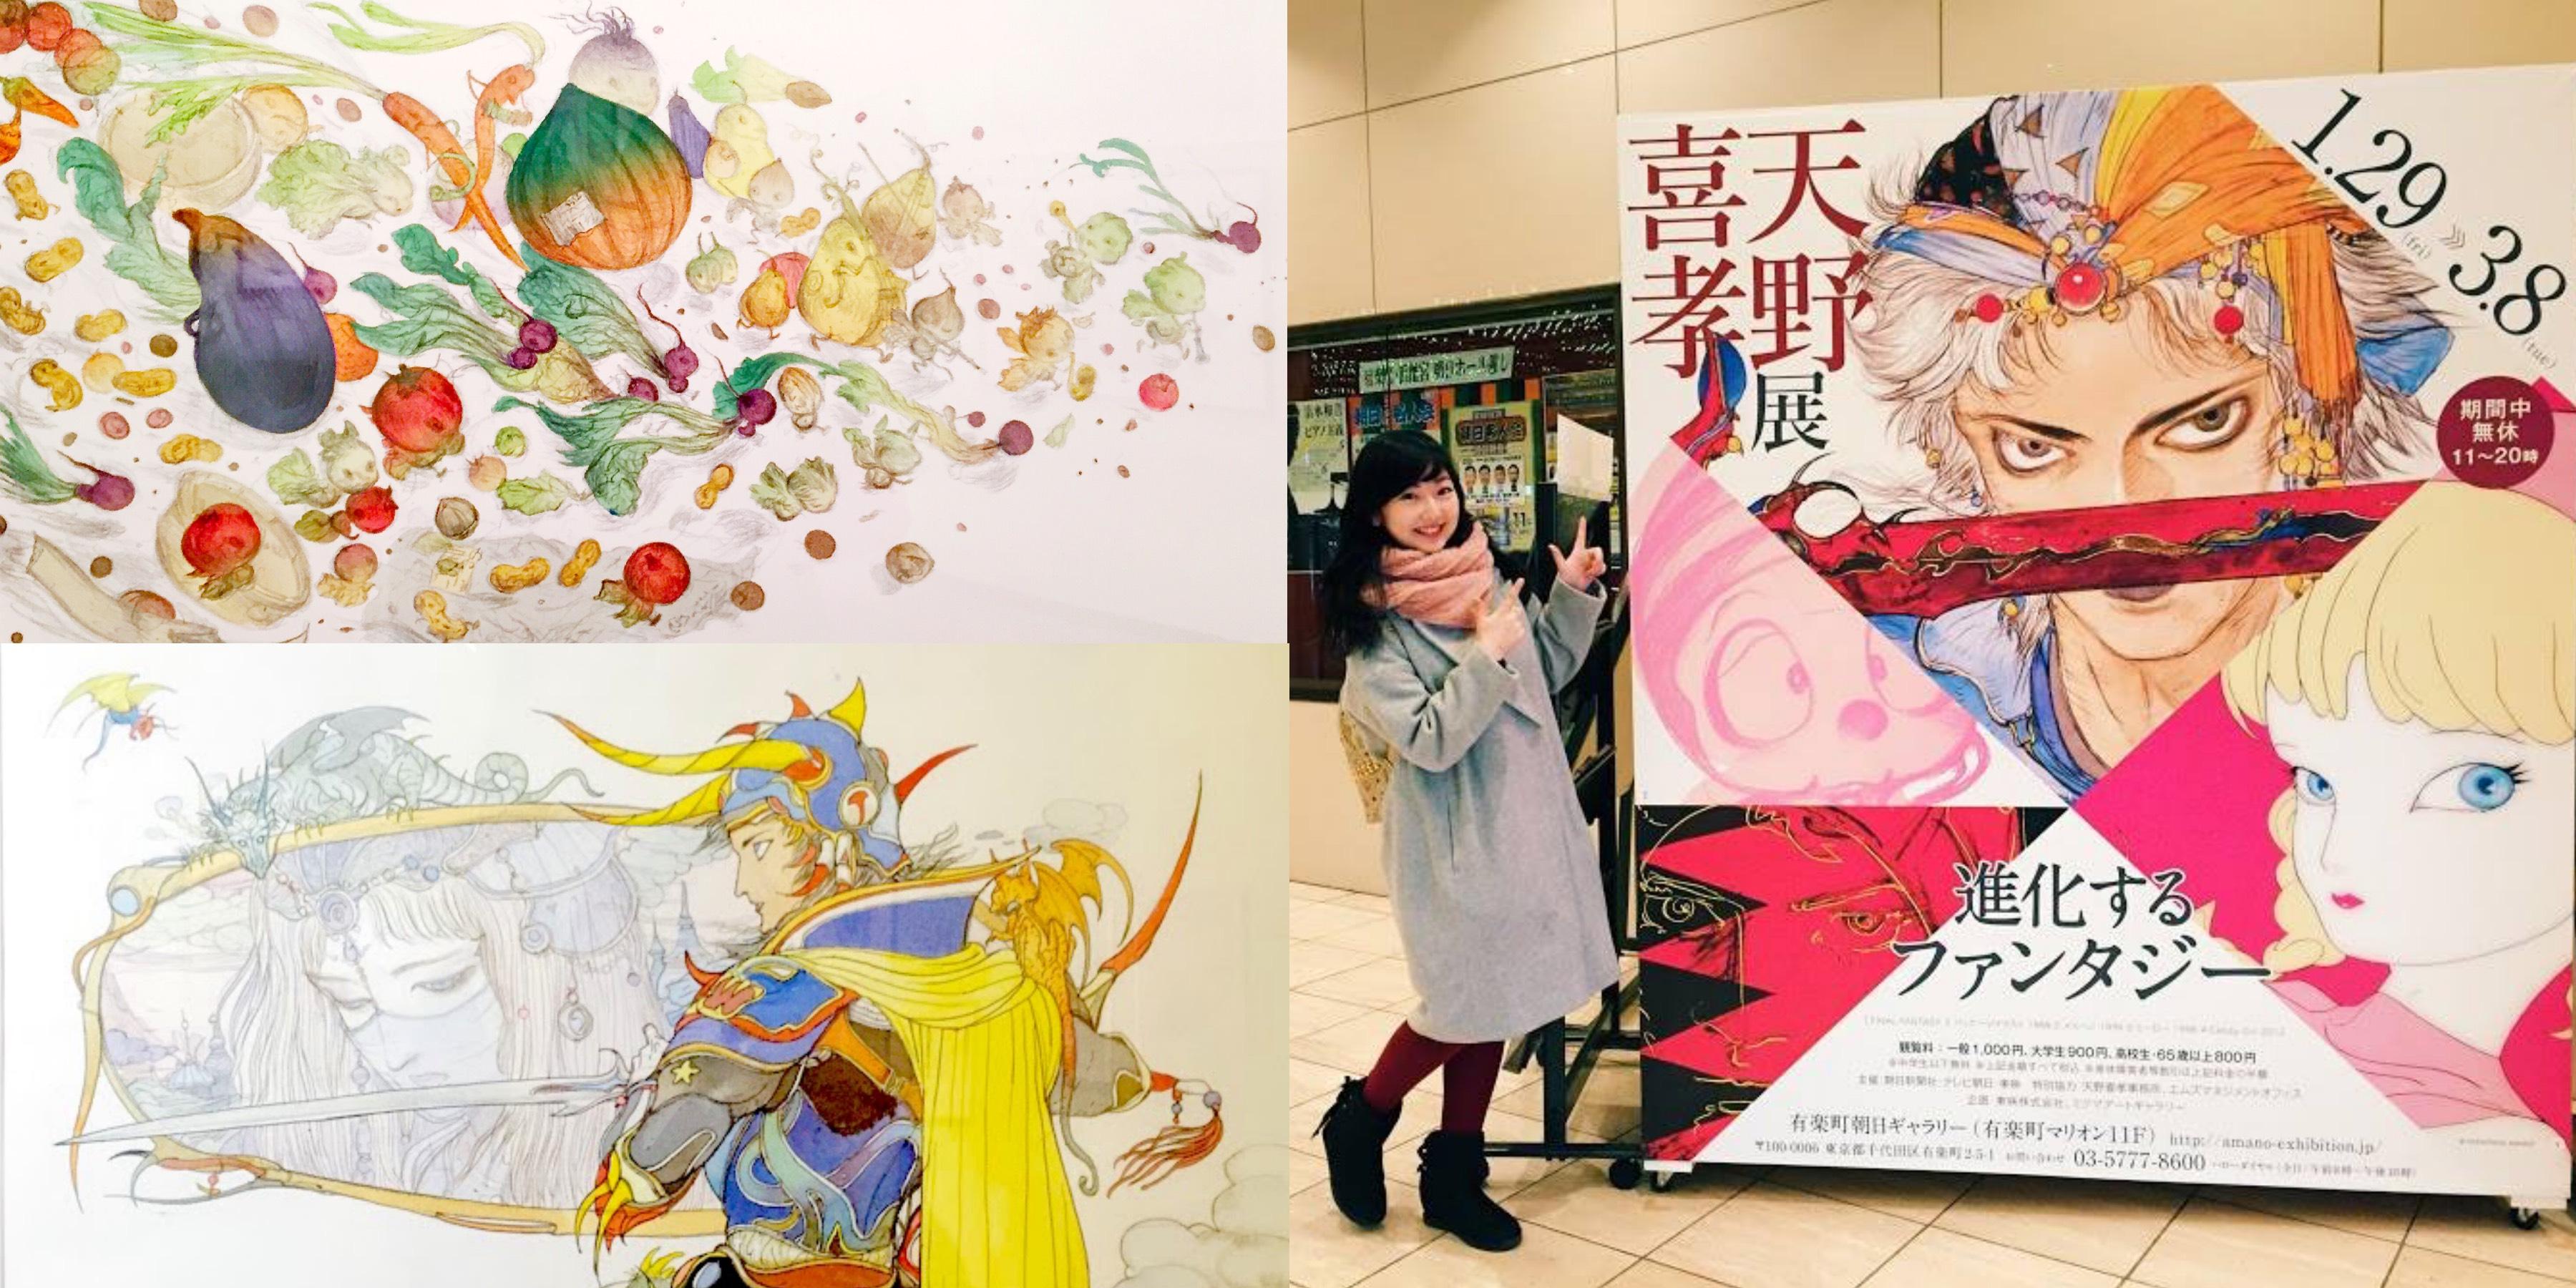 天野喜孝展 伝説のロックスター★デヴィッド・ボウイをイメージして描かれた作品も展示!